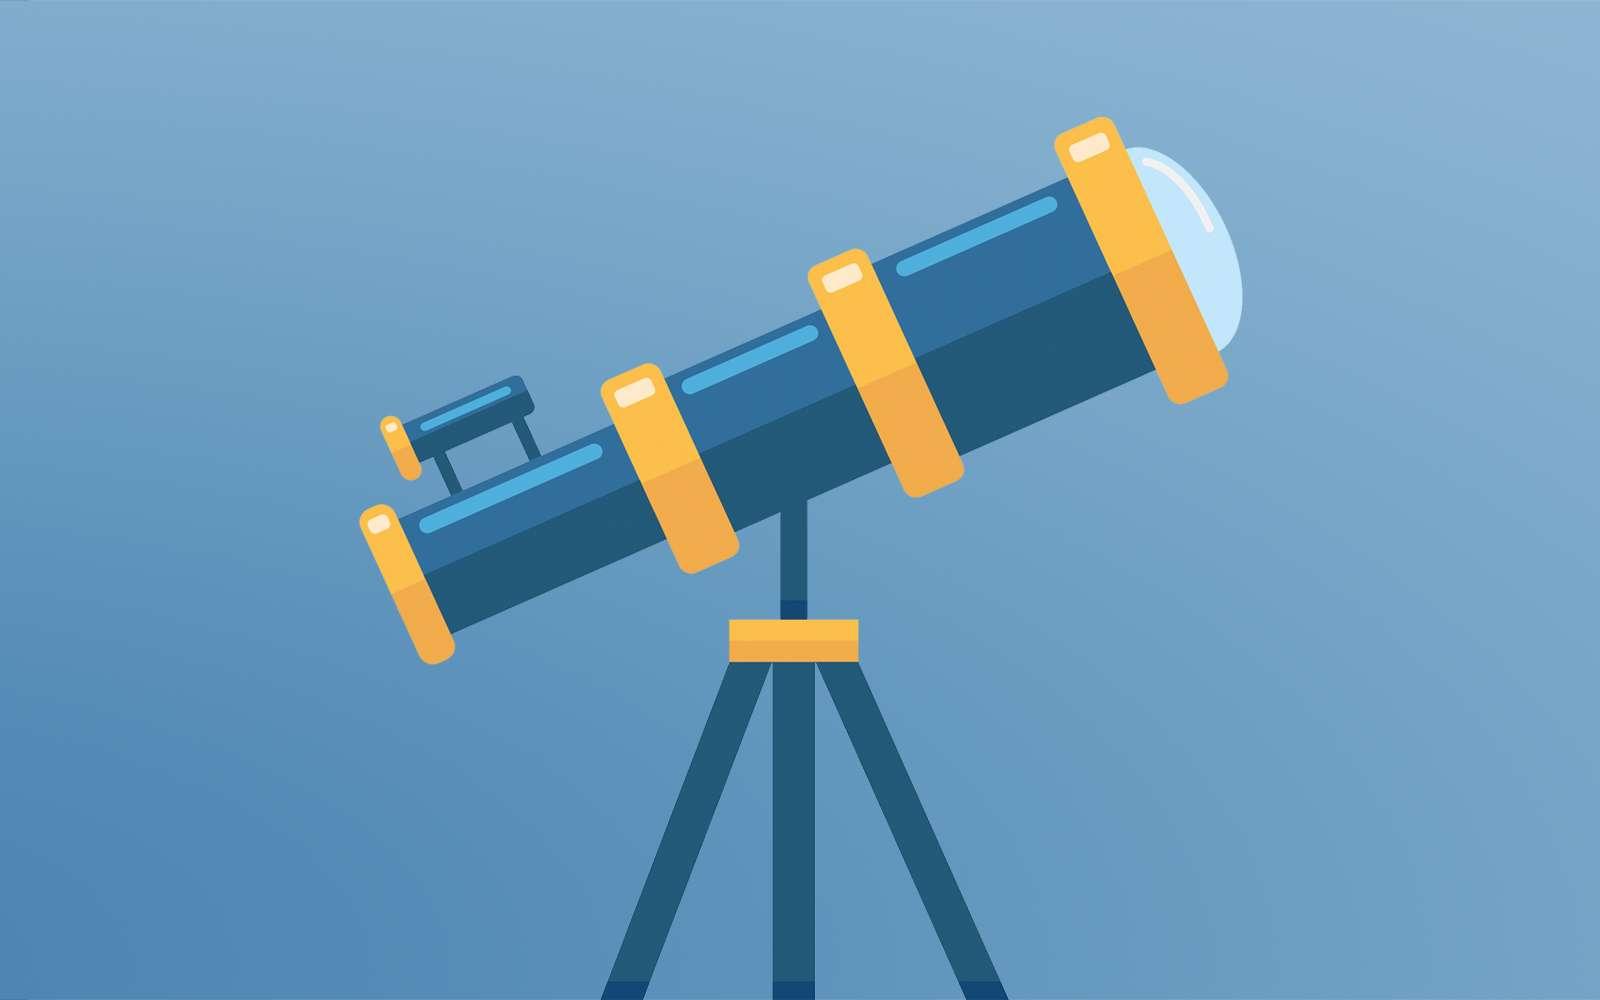 Découvrez Futura dans les Étoiles, le podcast incontournable des amateurs d'astronomie et d'espace. © Futura